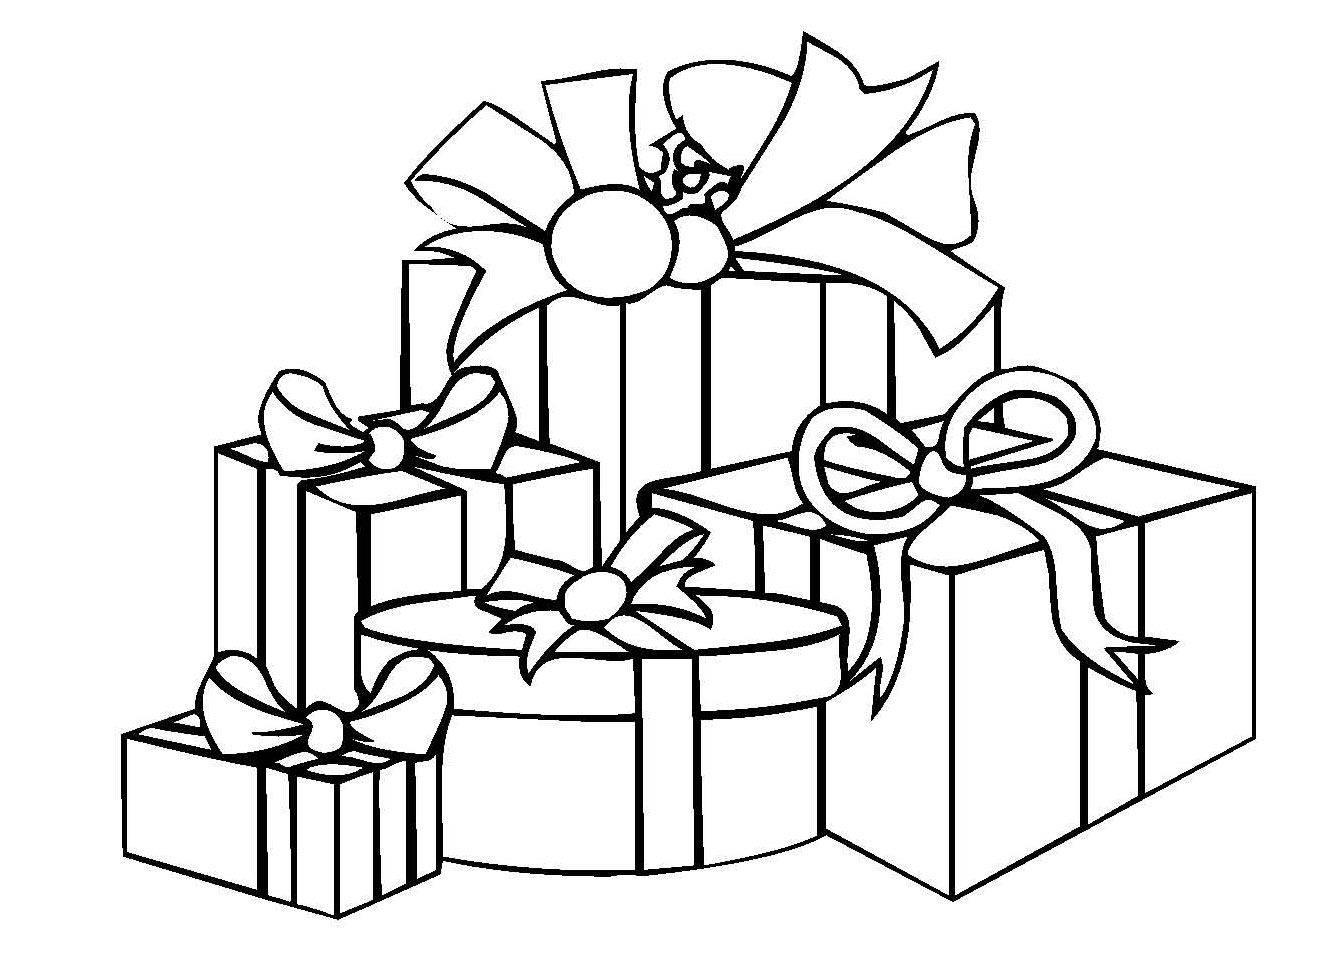 Groß Malvorlagen Weihnachtsgeschenke Ideen - Malvorlagen-Ideen ...